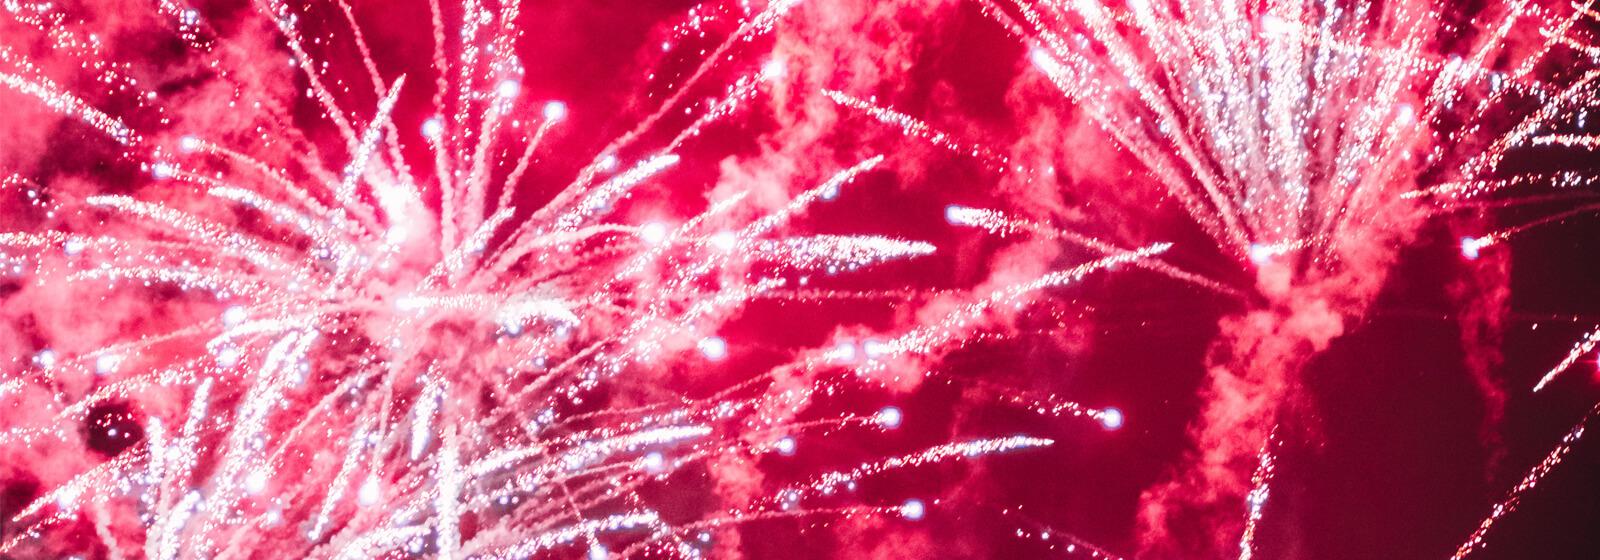 Fireworks image slide